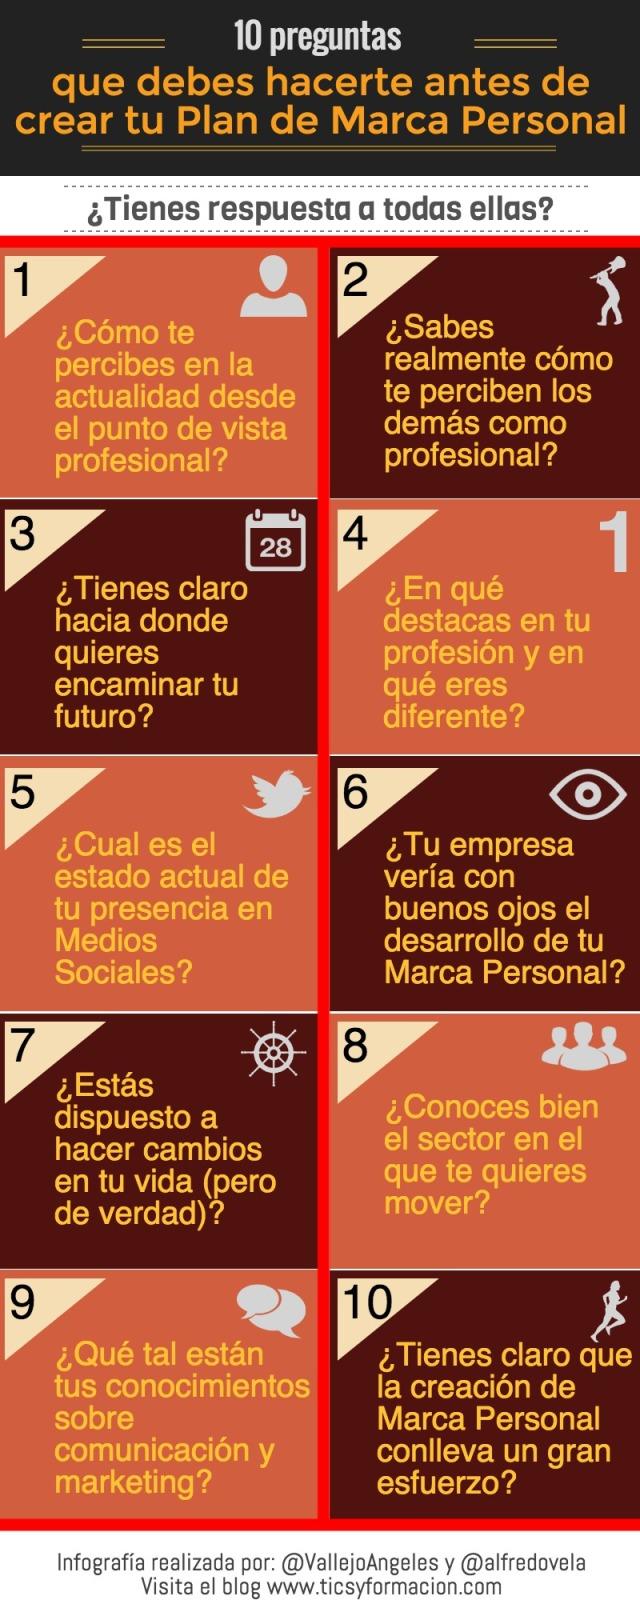 10 preguntas que debes hacerte antes de crear tu Plan de Marca Personal